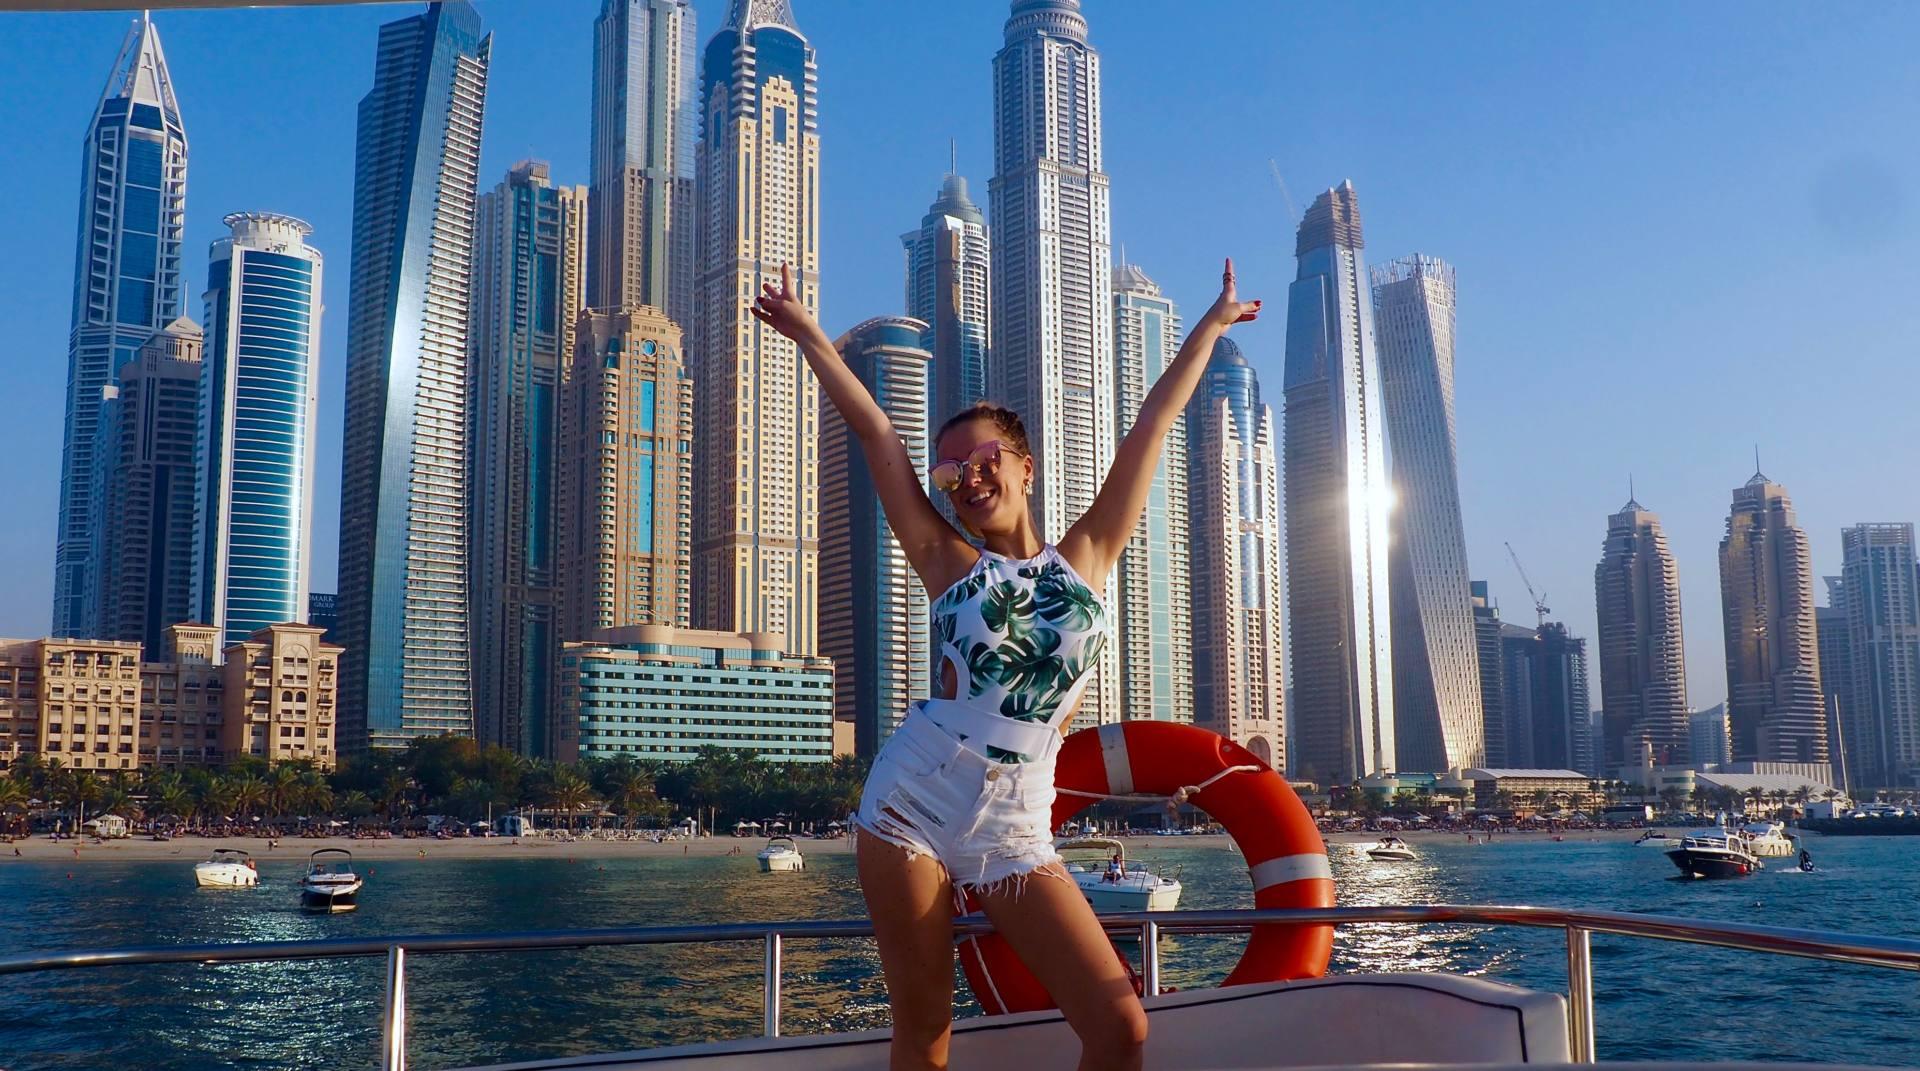 Фото в Дубае